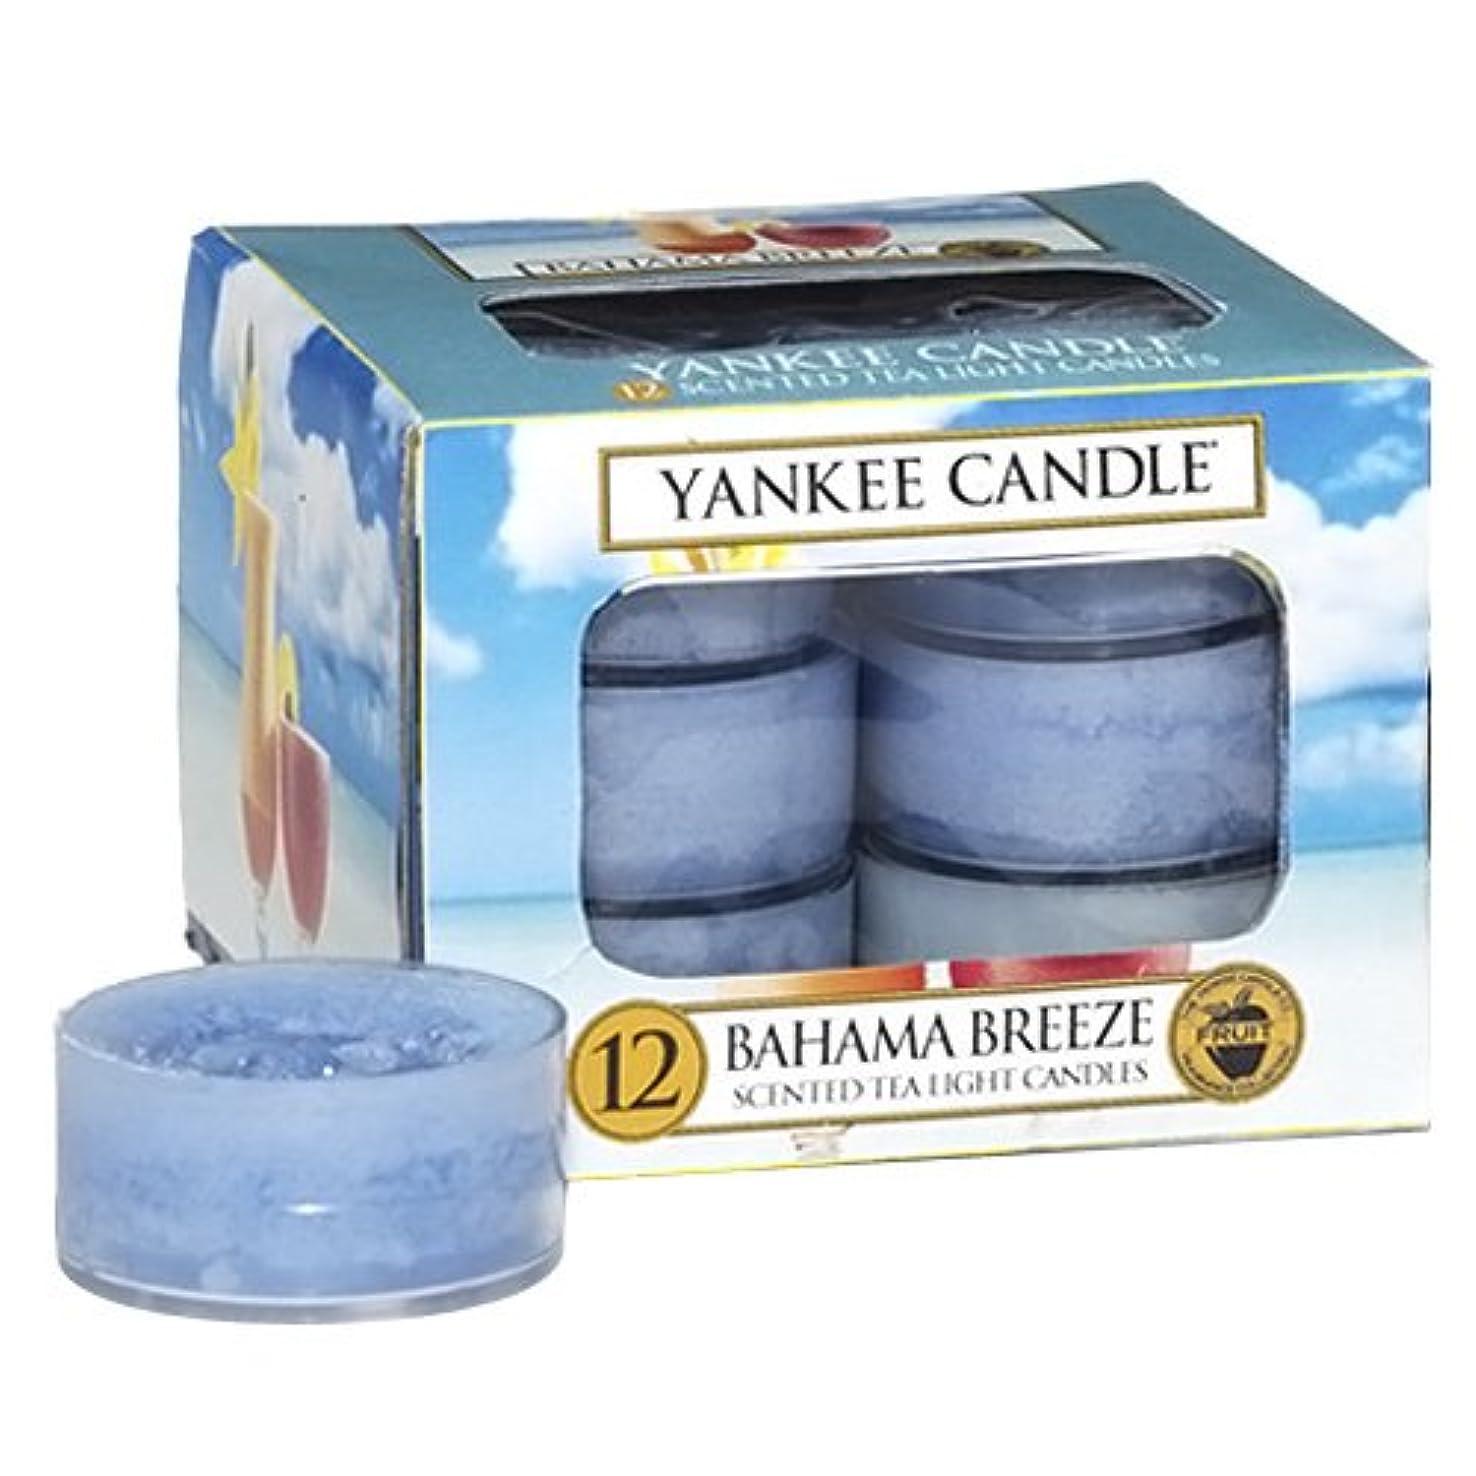 謙虚な種類影響するYankee Candle Bahama Breeze、フルーツ香り Tea Light Candles ブルー 1205310